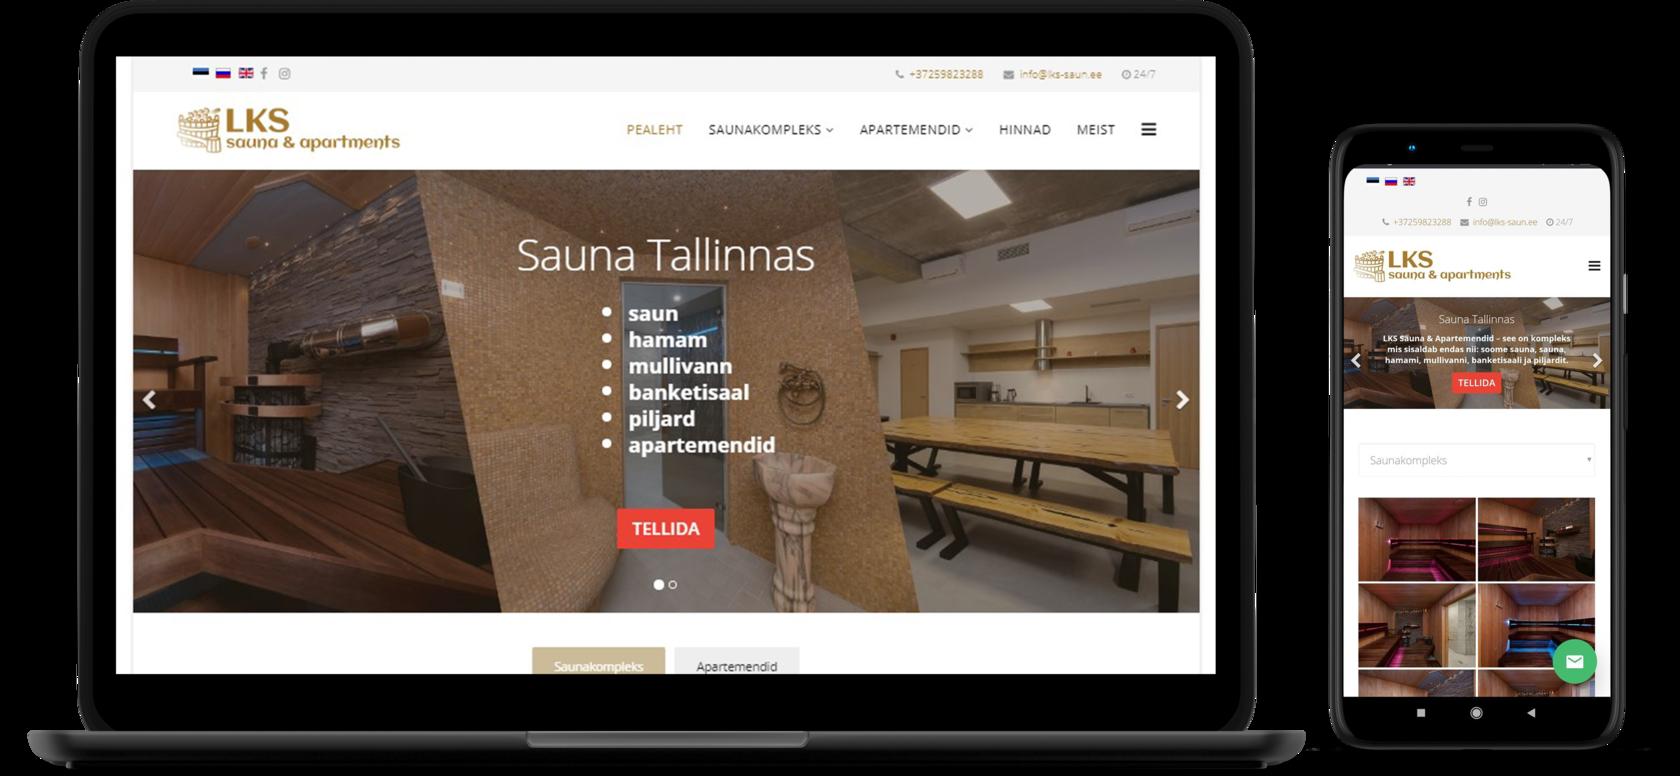 Veebileht LKS Sauna&Apartments jaoks